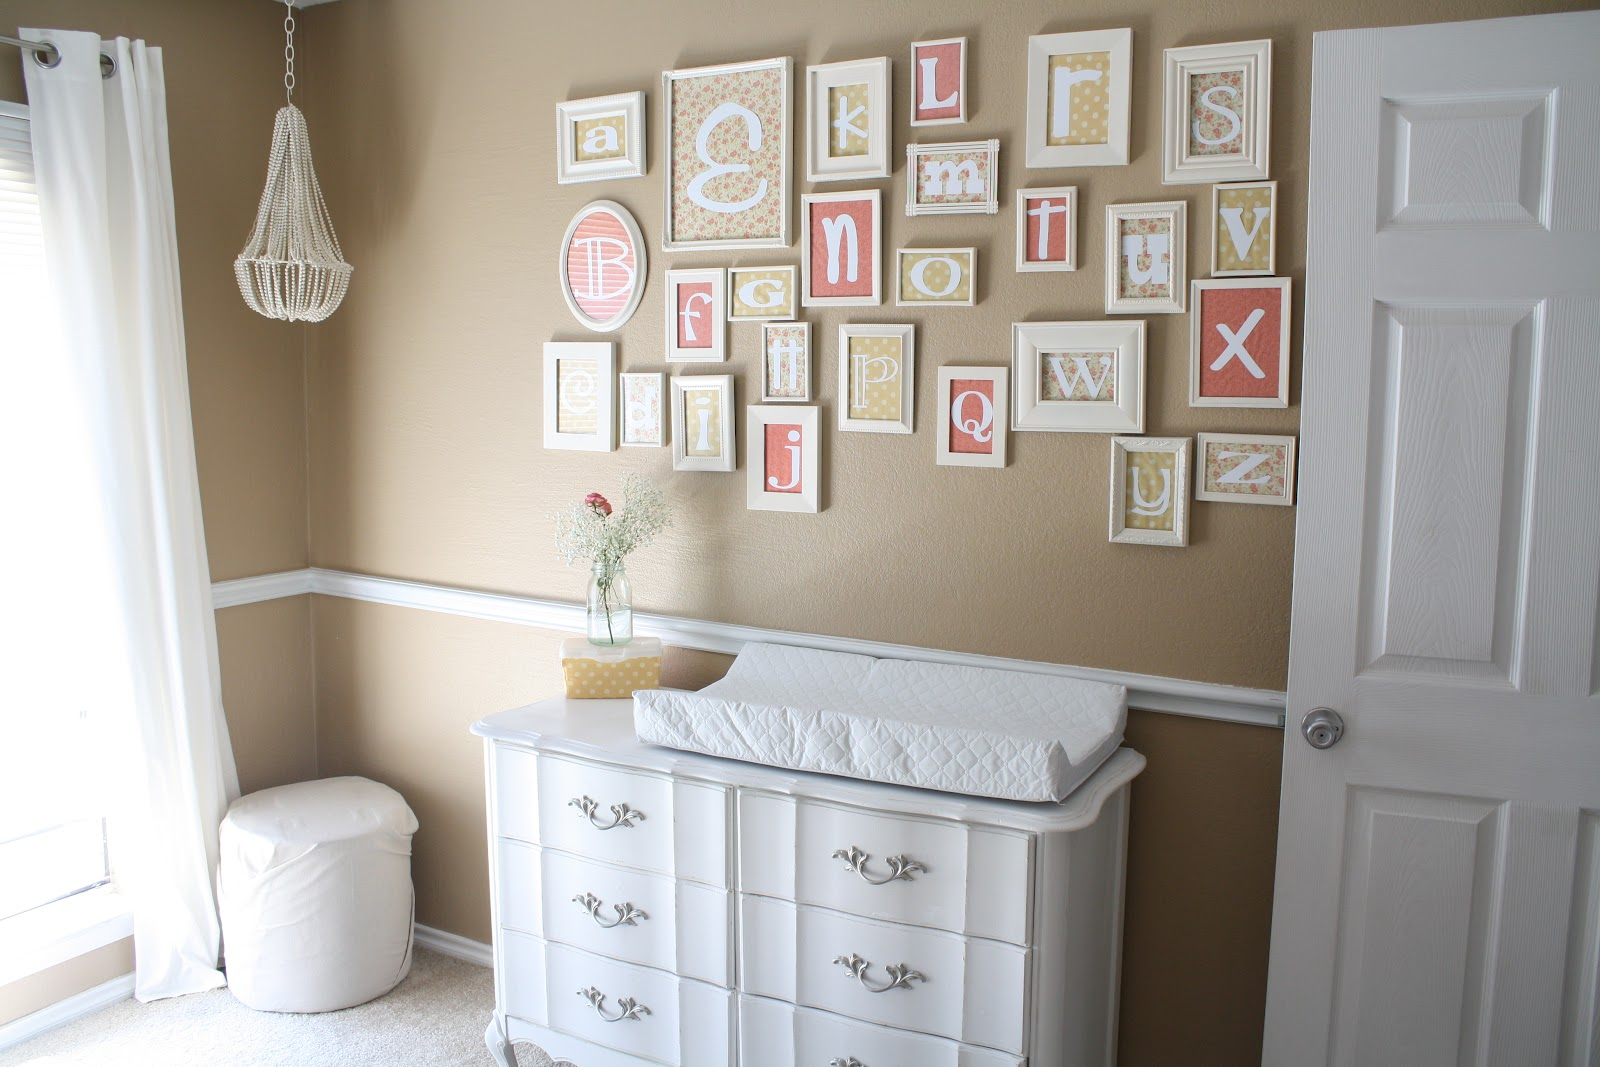 Come Decorare Le Pareti Di Casa In Stile Shabby Chic: Idee E Foto #413528 1600 1067 Mobile Sala Da Pranzo Ikea